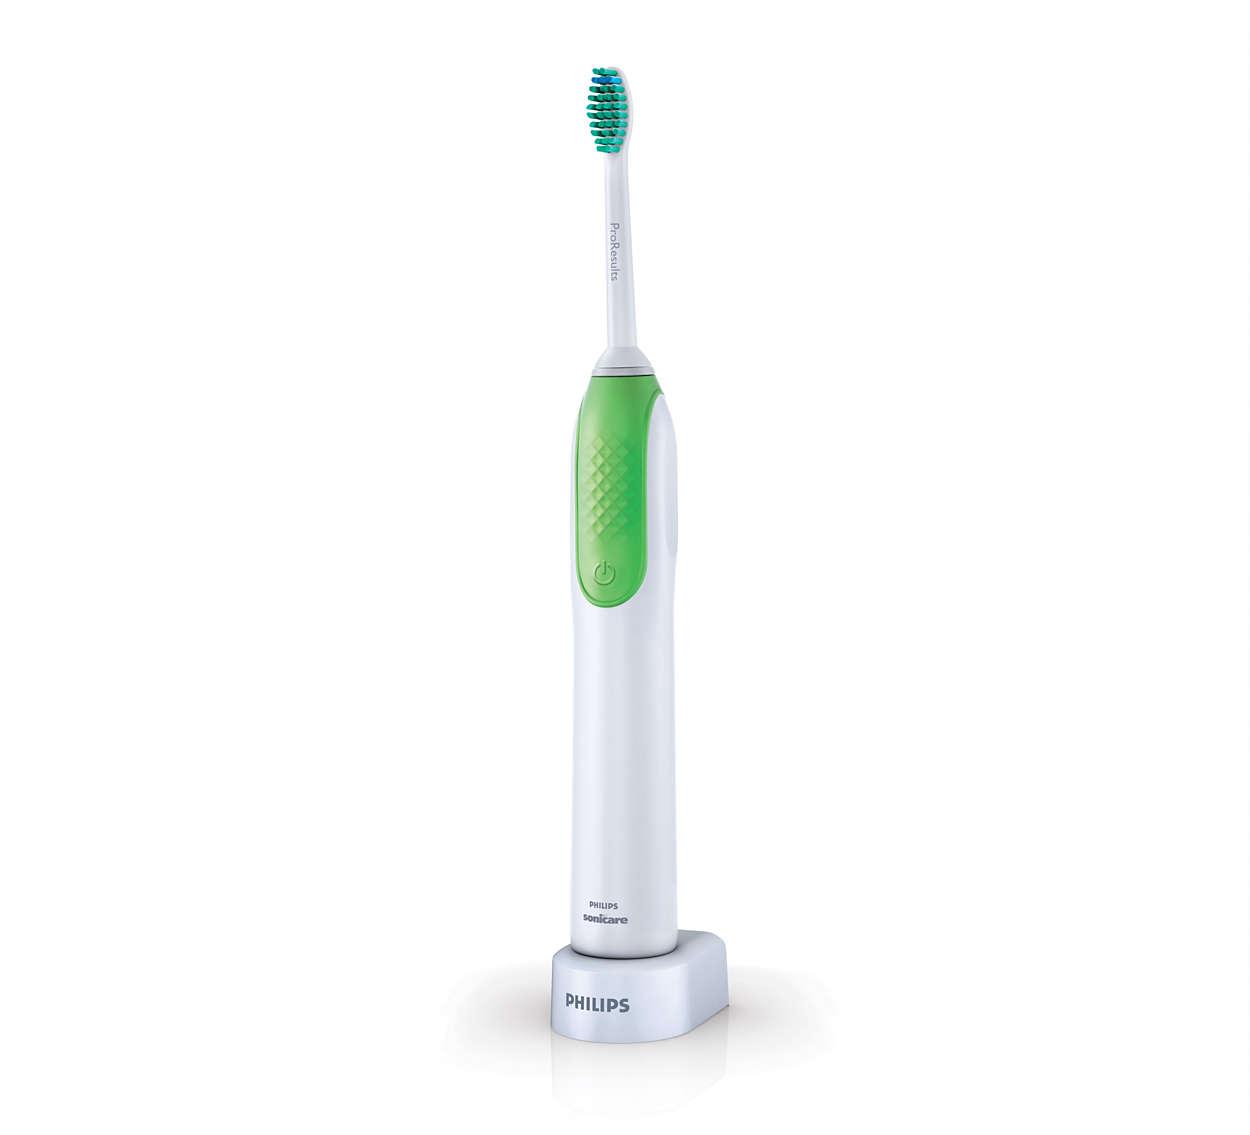 有效清除牙菌斑*